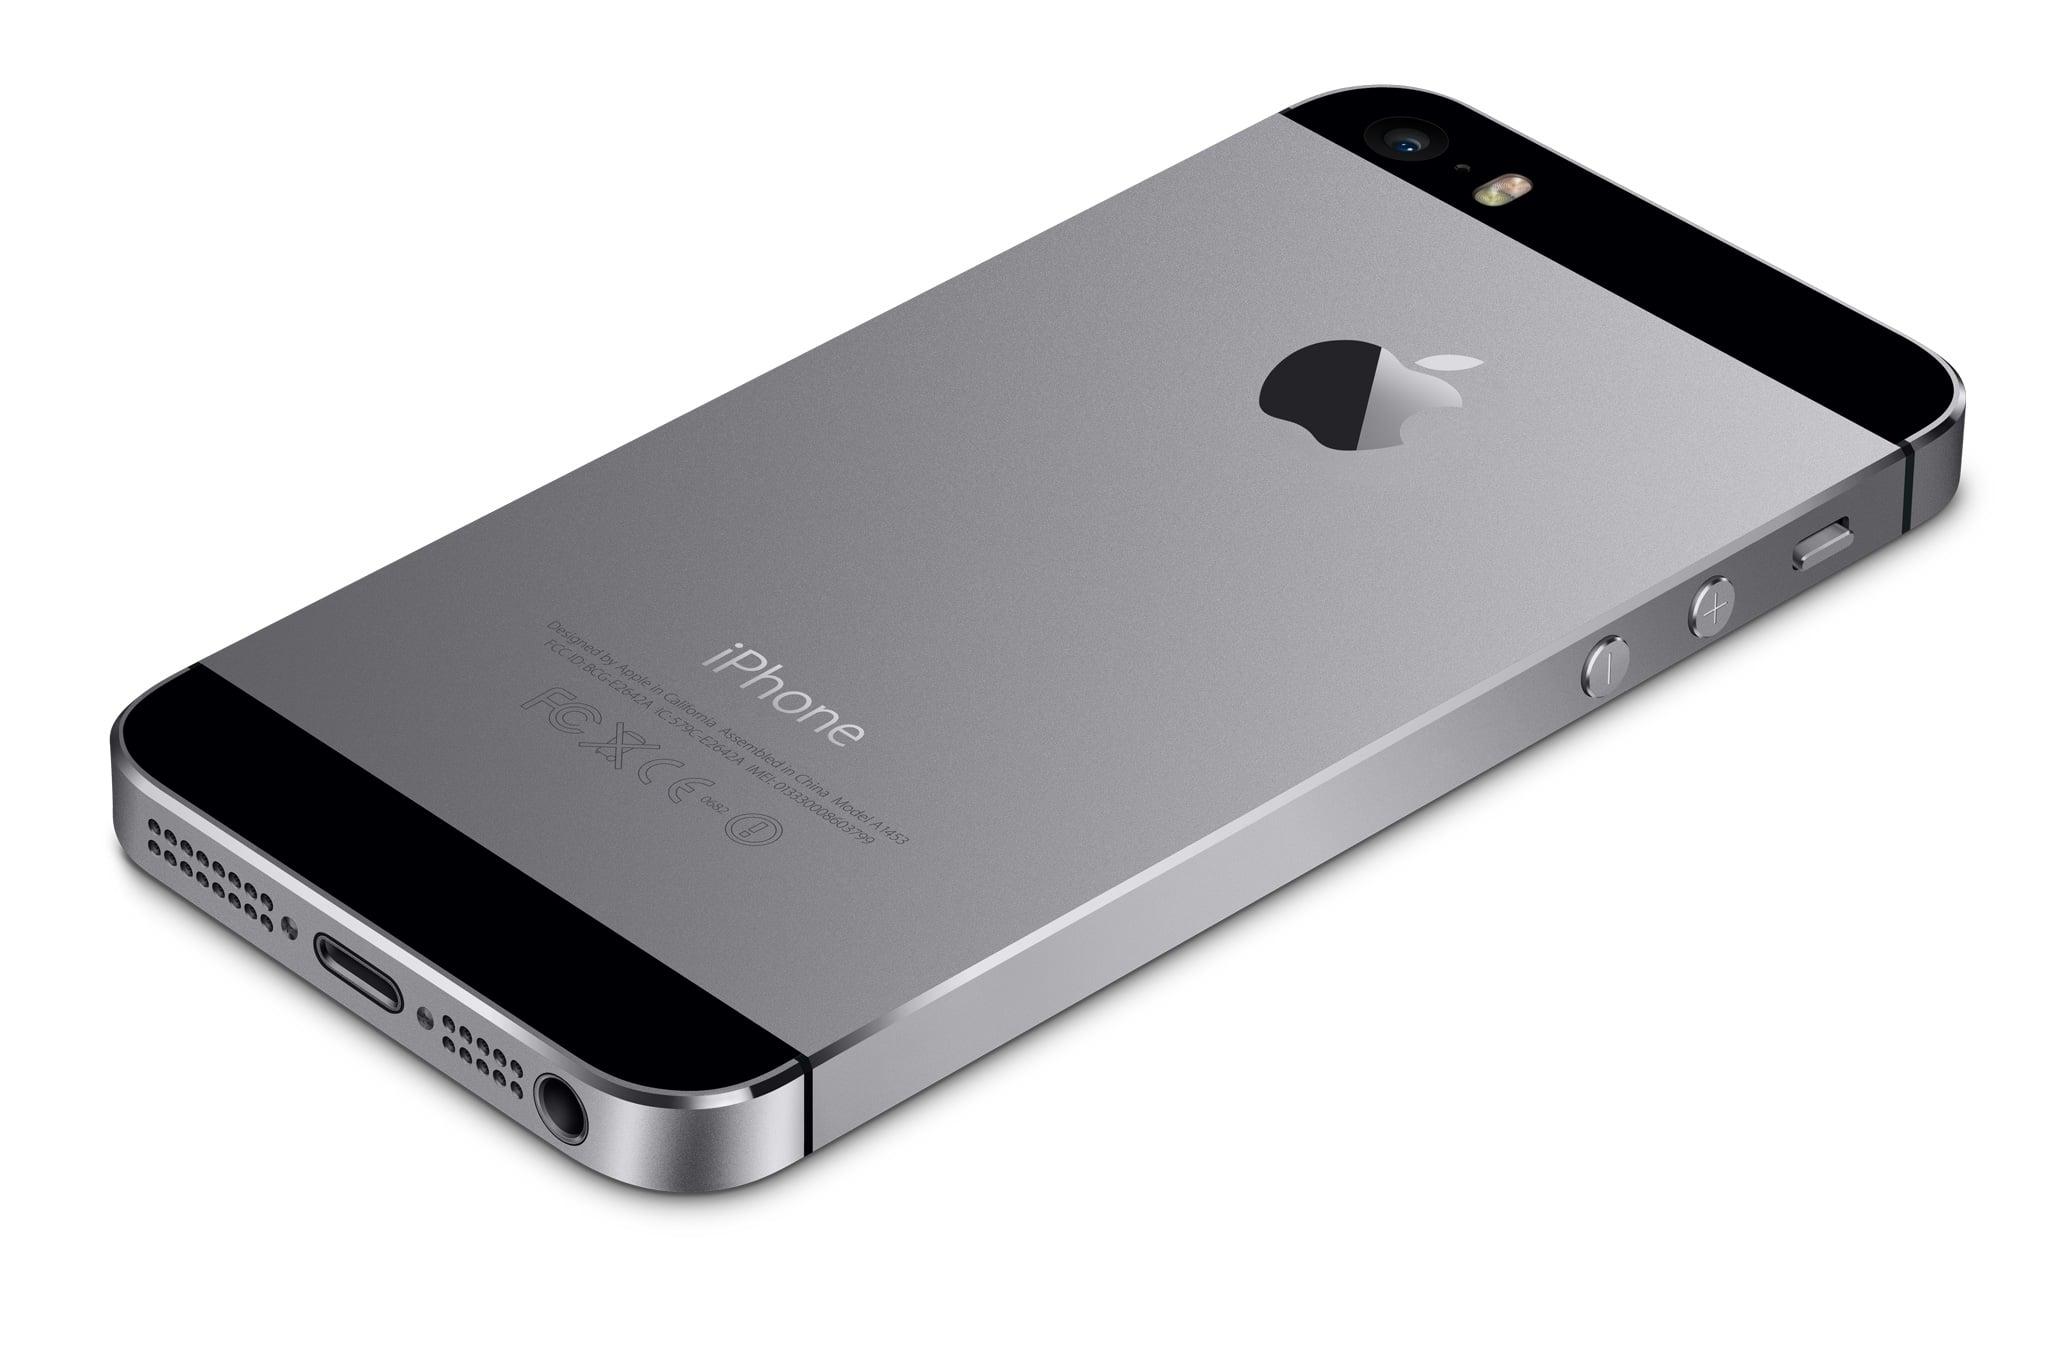 iPhone 5s cinza espacial de costas